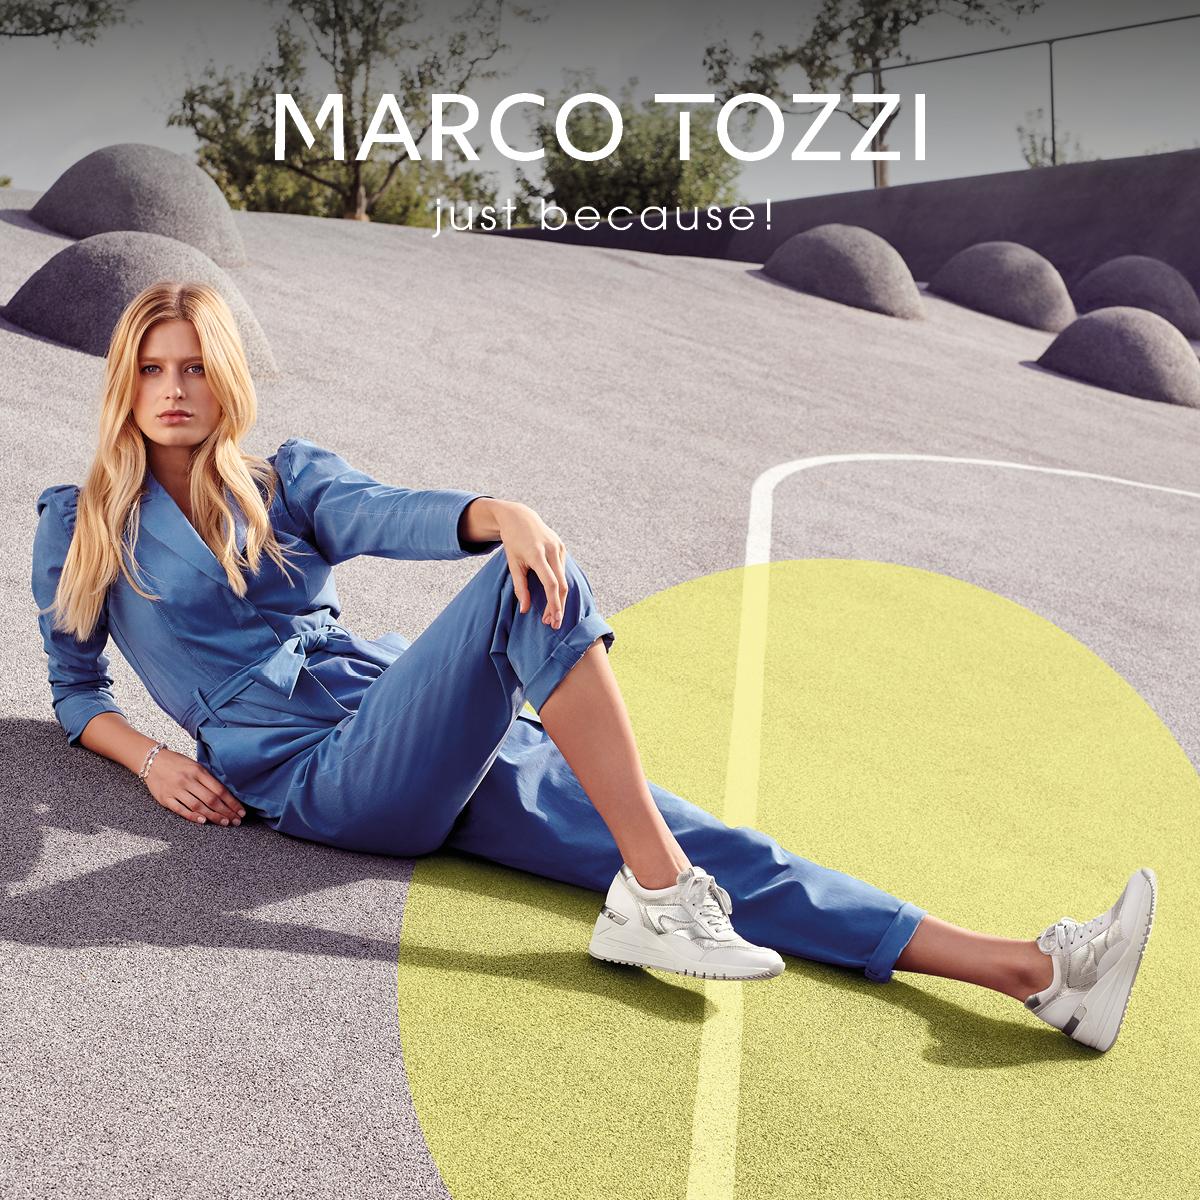 Marco Tozzi 2